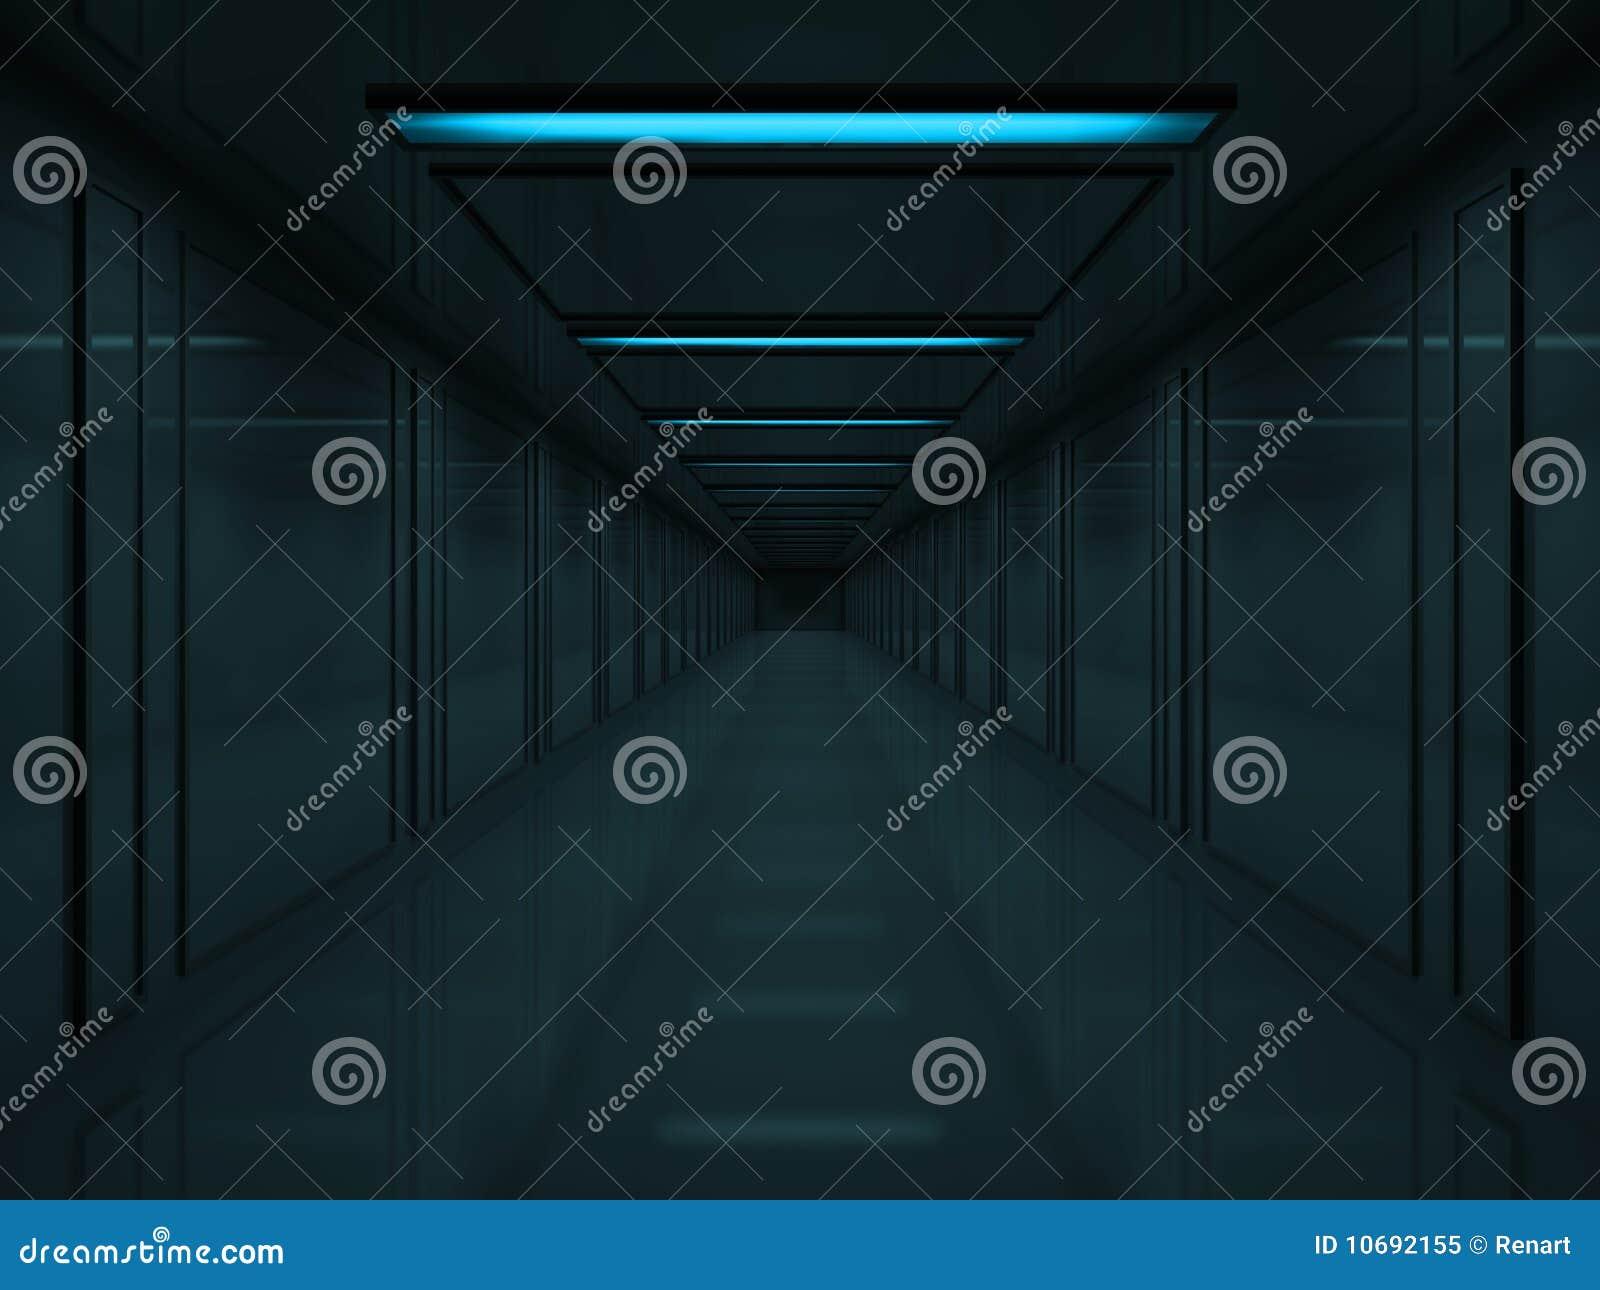 Corridoio Scuro 3d Con Le Lampade Blu Sul Soffitto Fotografia Stock Libera da Diritti - Immagine ...